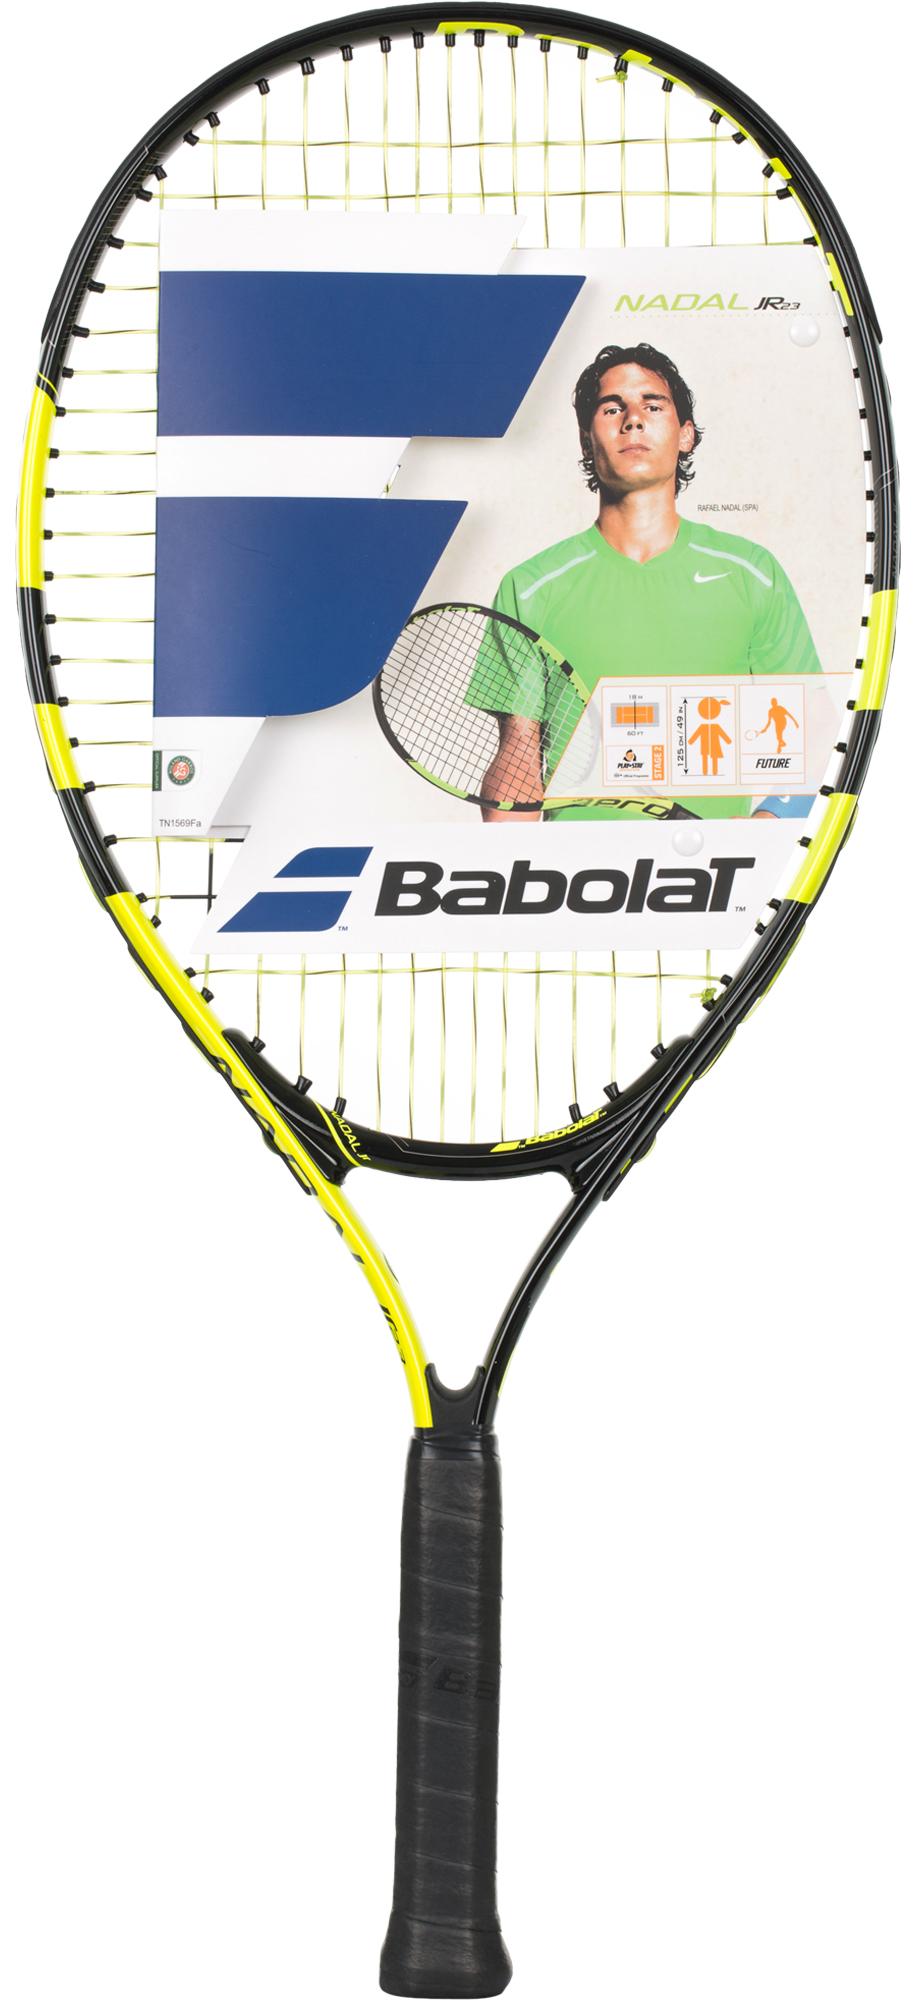 Babolat Ракетка для большого тенниса детская  Nadal Junior 23, размер null